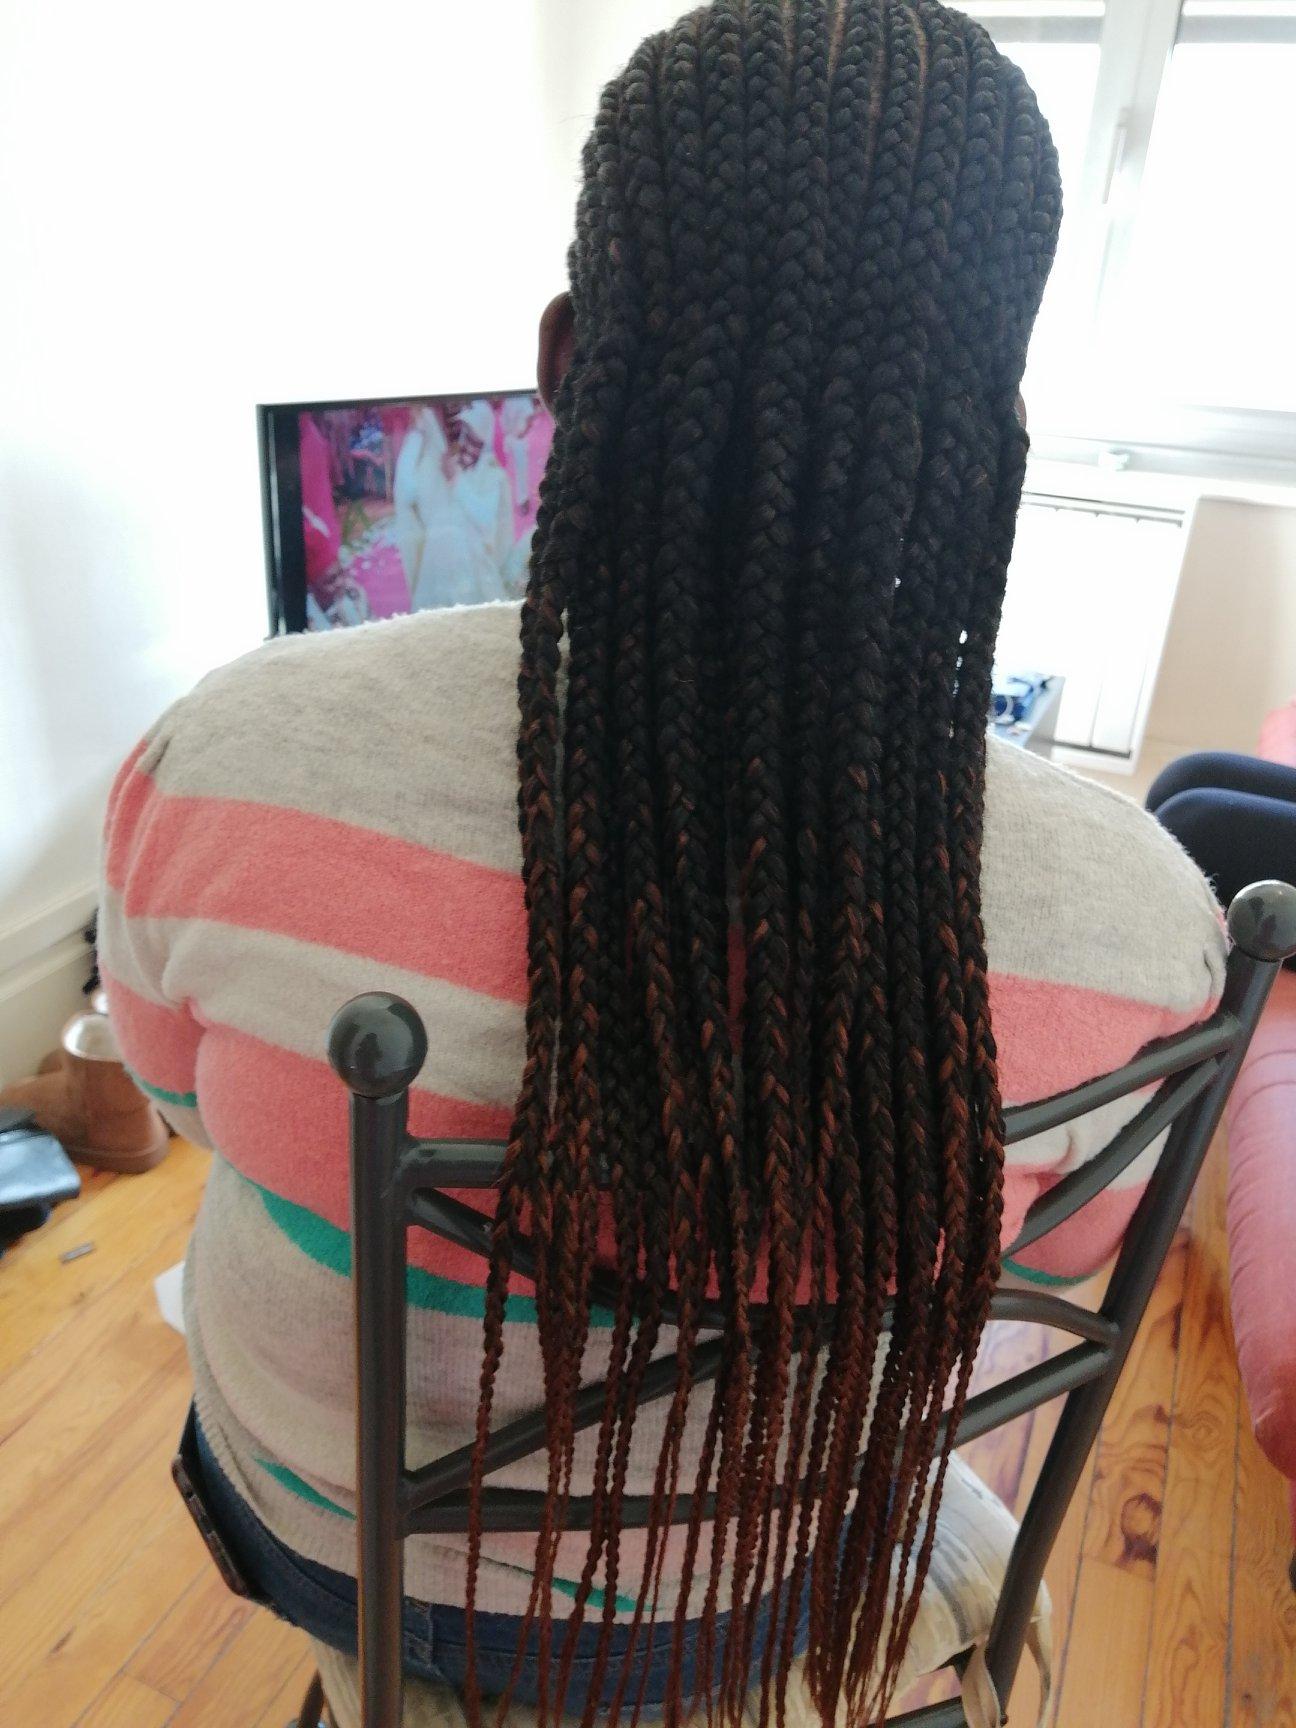 salon de coiffure afro tresse tresses box braids crochet braids vanilles tissages paris 75 77 78 91 92 93 94 95 TFXDHVAF